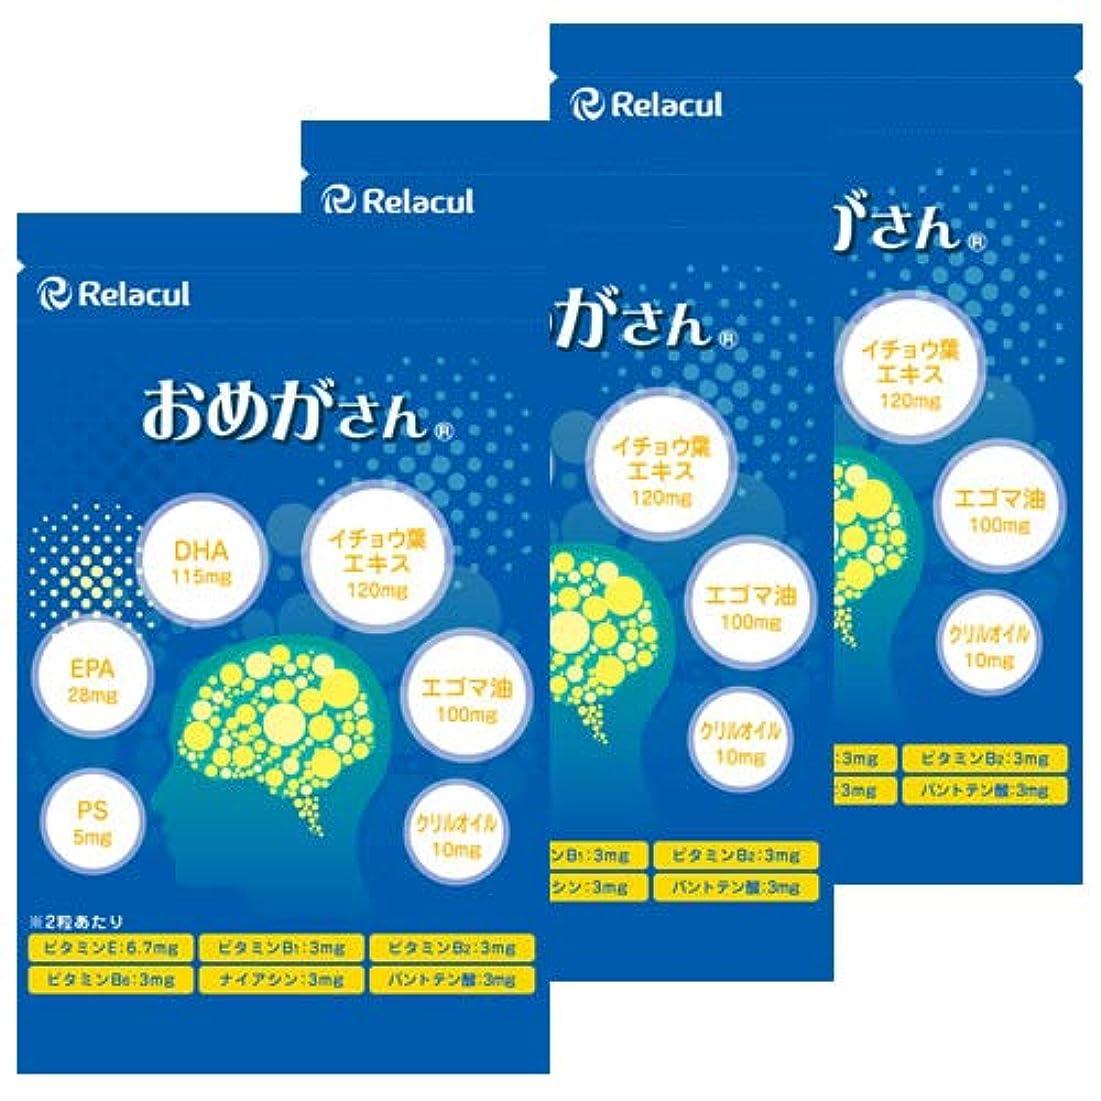 吹きさらし王朝不利オメガ3脂肪酸 DHA EPA サプリ (日本製) うっかり 対策 サプリメント [偏った食生活に] フィッシュオイル イチョウ葉エキス エゴマ油 クリルオイル [おめがさん 3袋セット] 180粒入 (約3か月分)